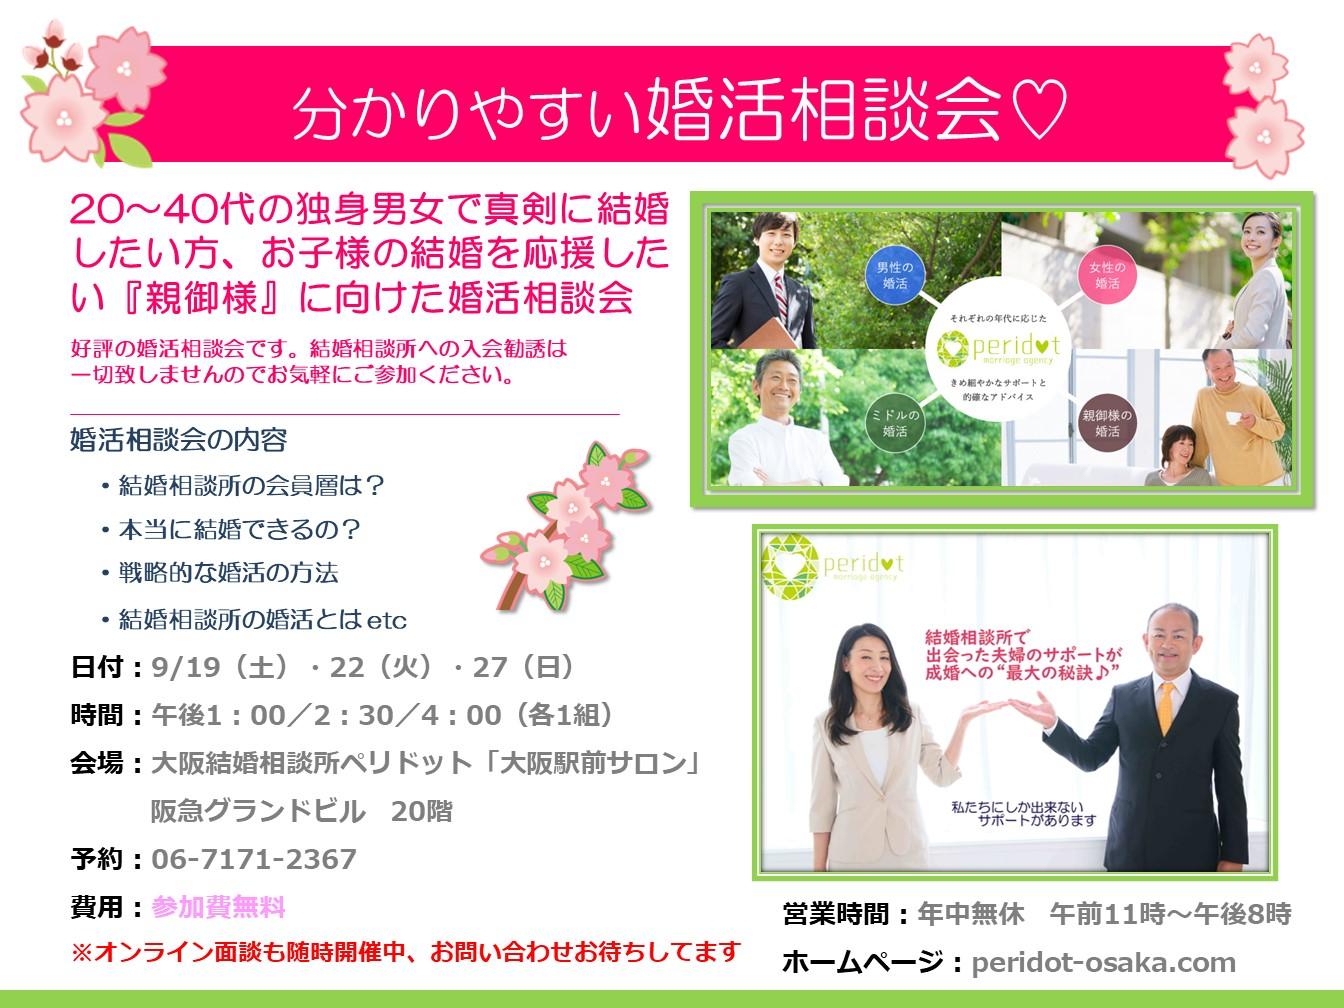 9月は人気の婚活無料相談会開催♪